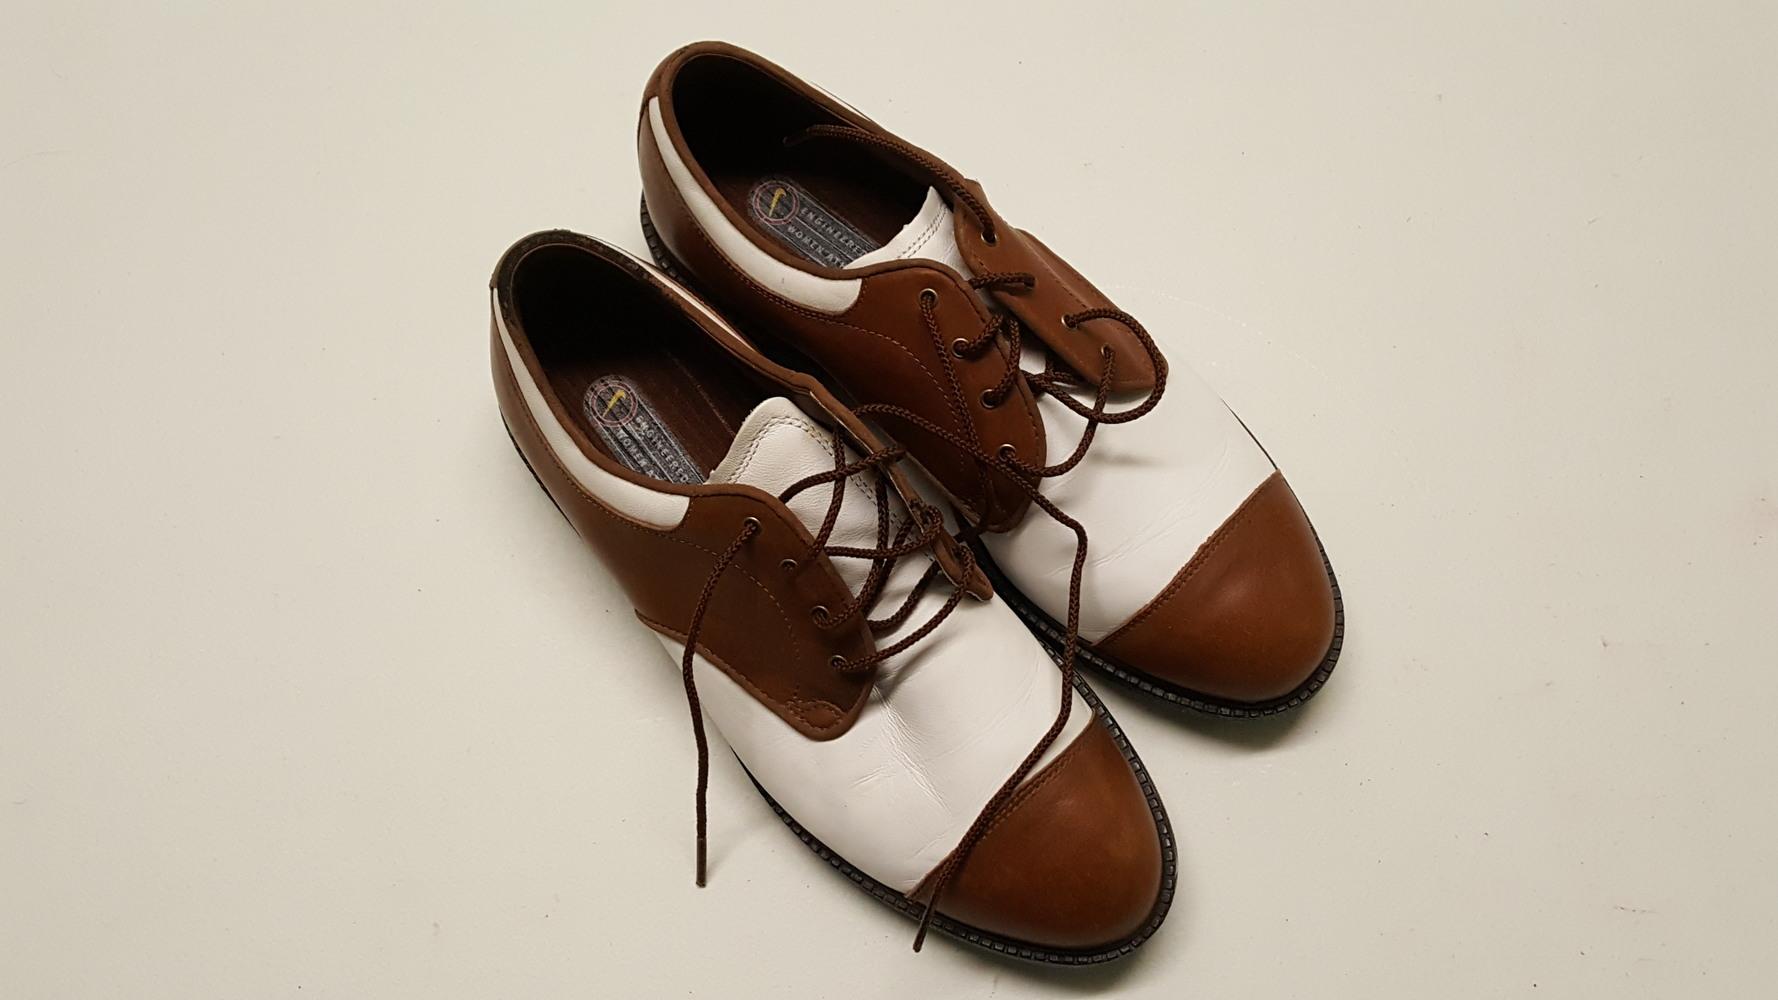 Nike Golf 981202 Women's Golf Cleats | Avenue Shop Swap & Sell